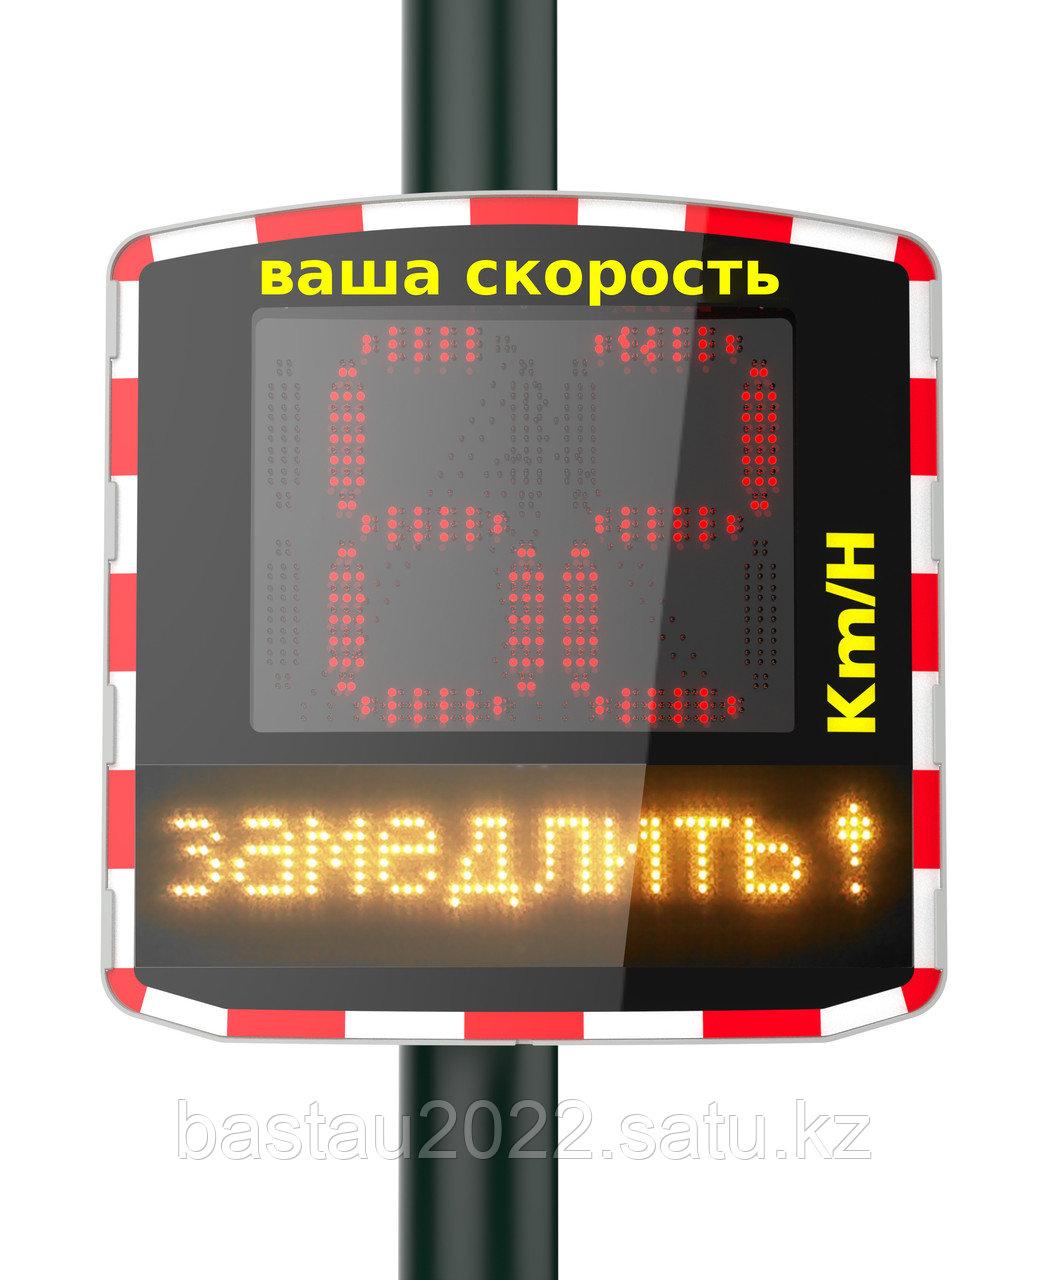 Табло скорости и радарные комплексы